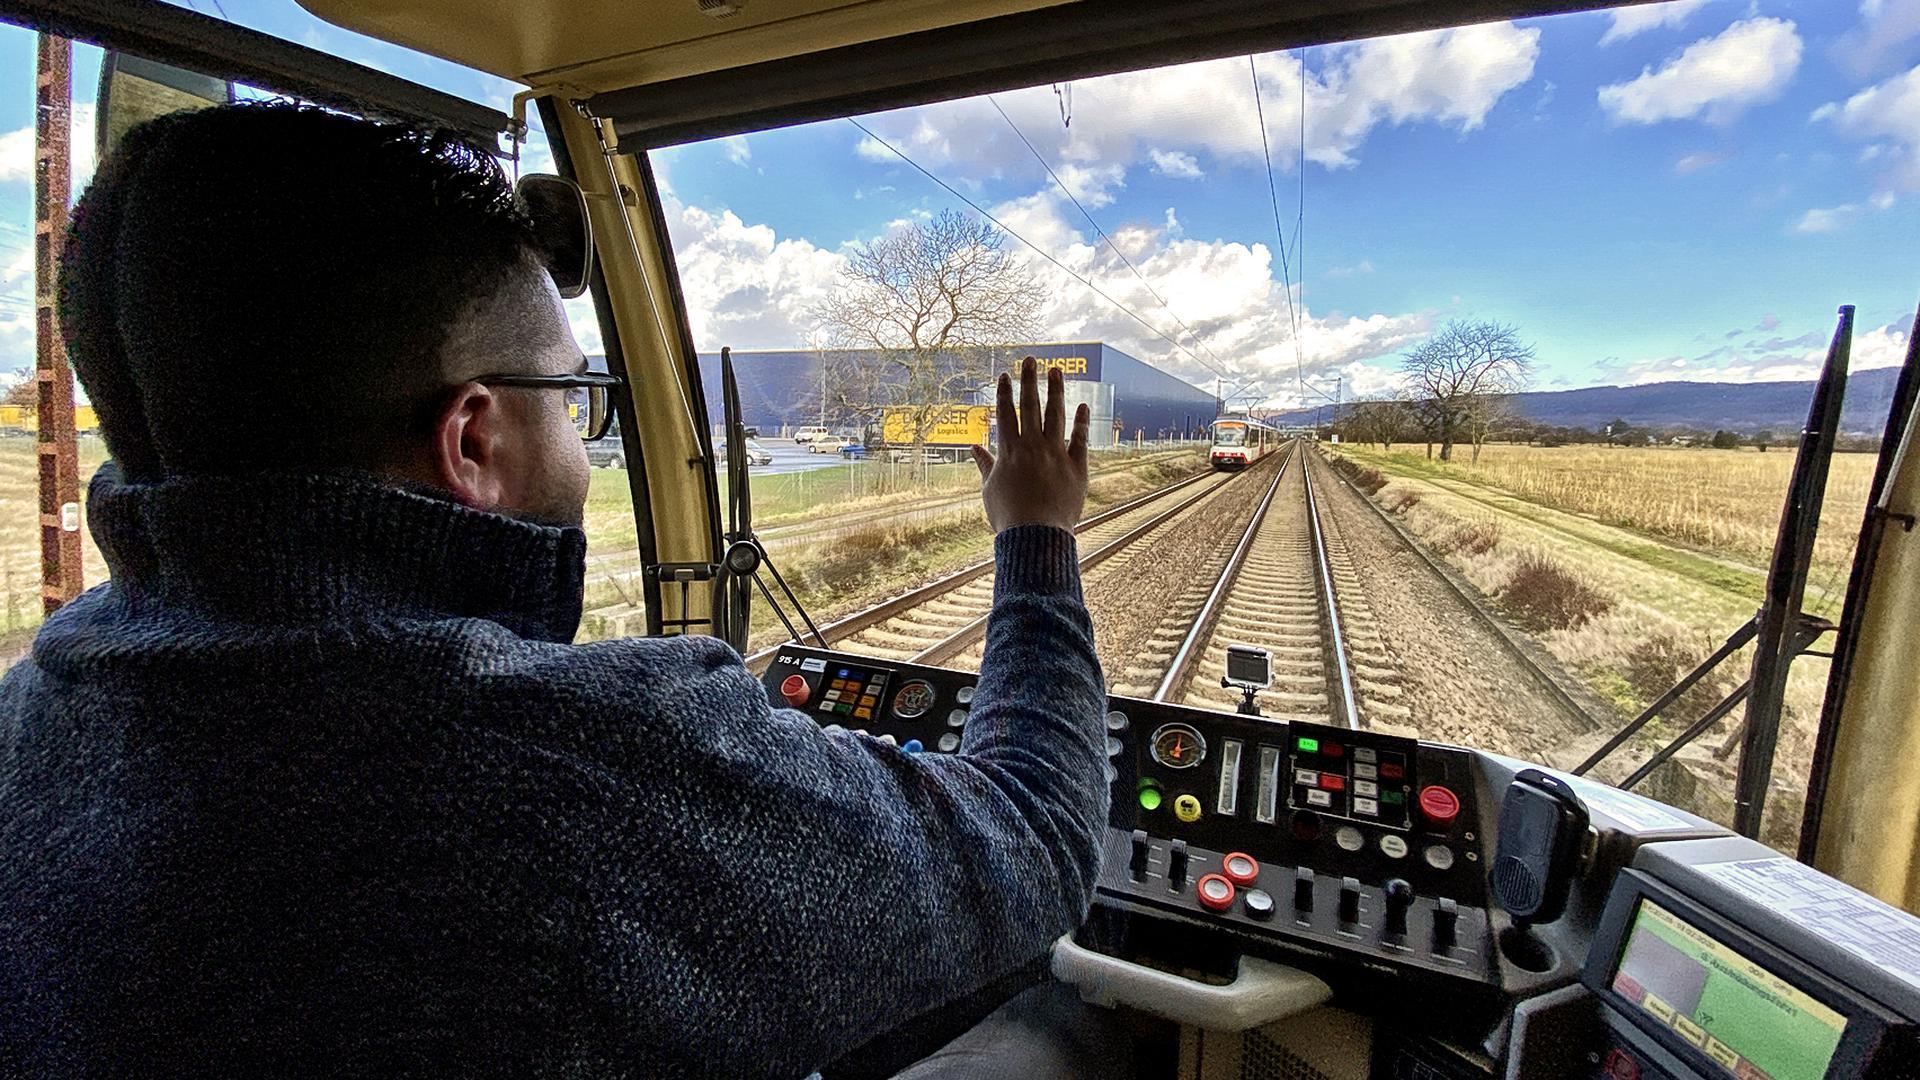 Zukunftschance: Geflüchtete schaffen sich über die Qualifizierung zum Lokführer Sicherheiten und dämpfen den Personalmangel der Verkehrsgesellschaften.